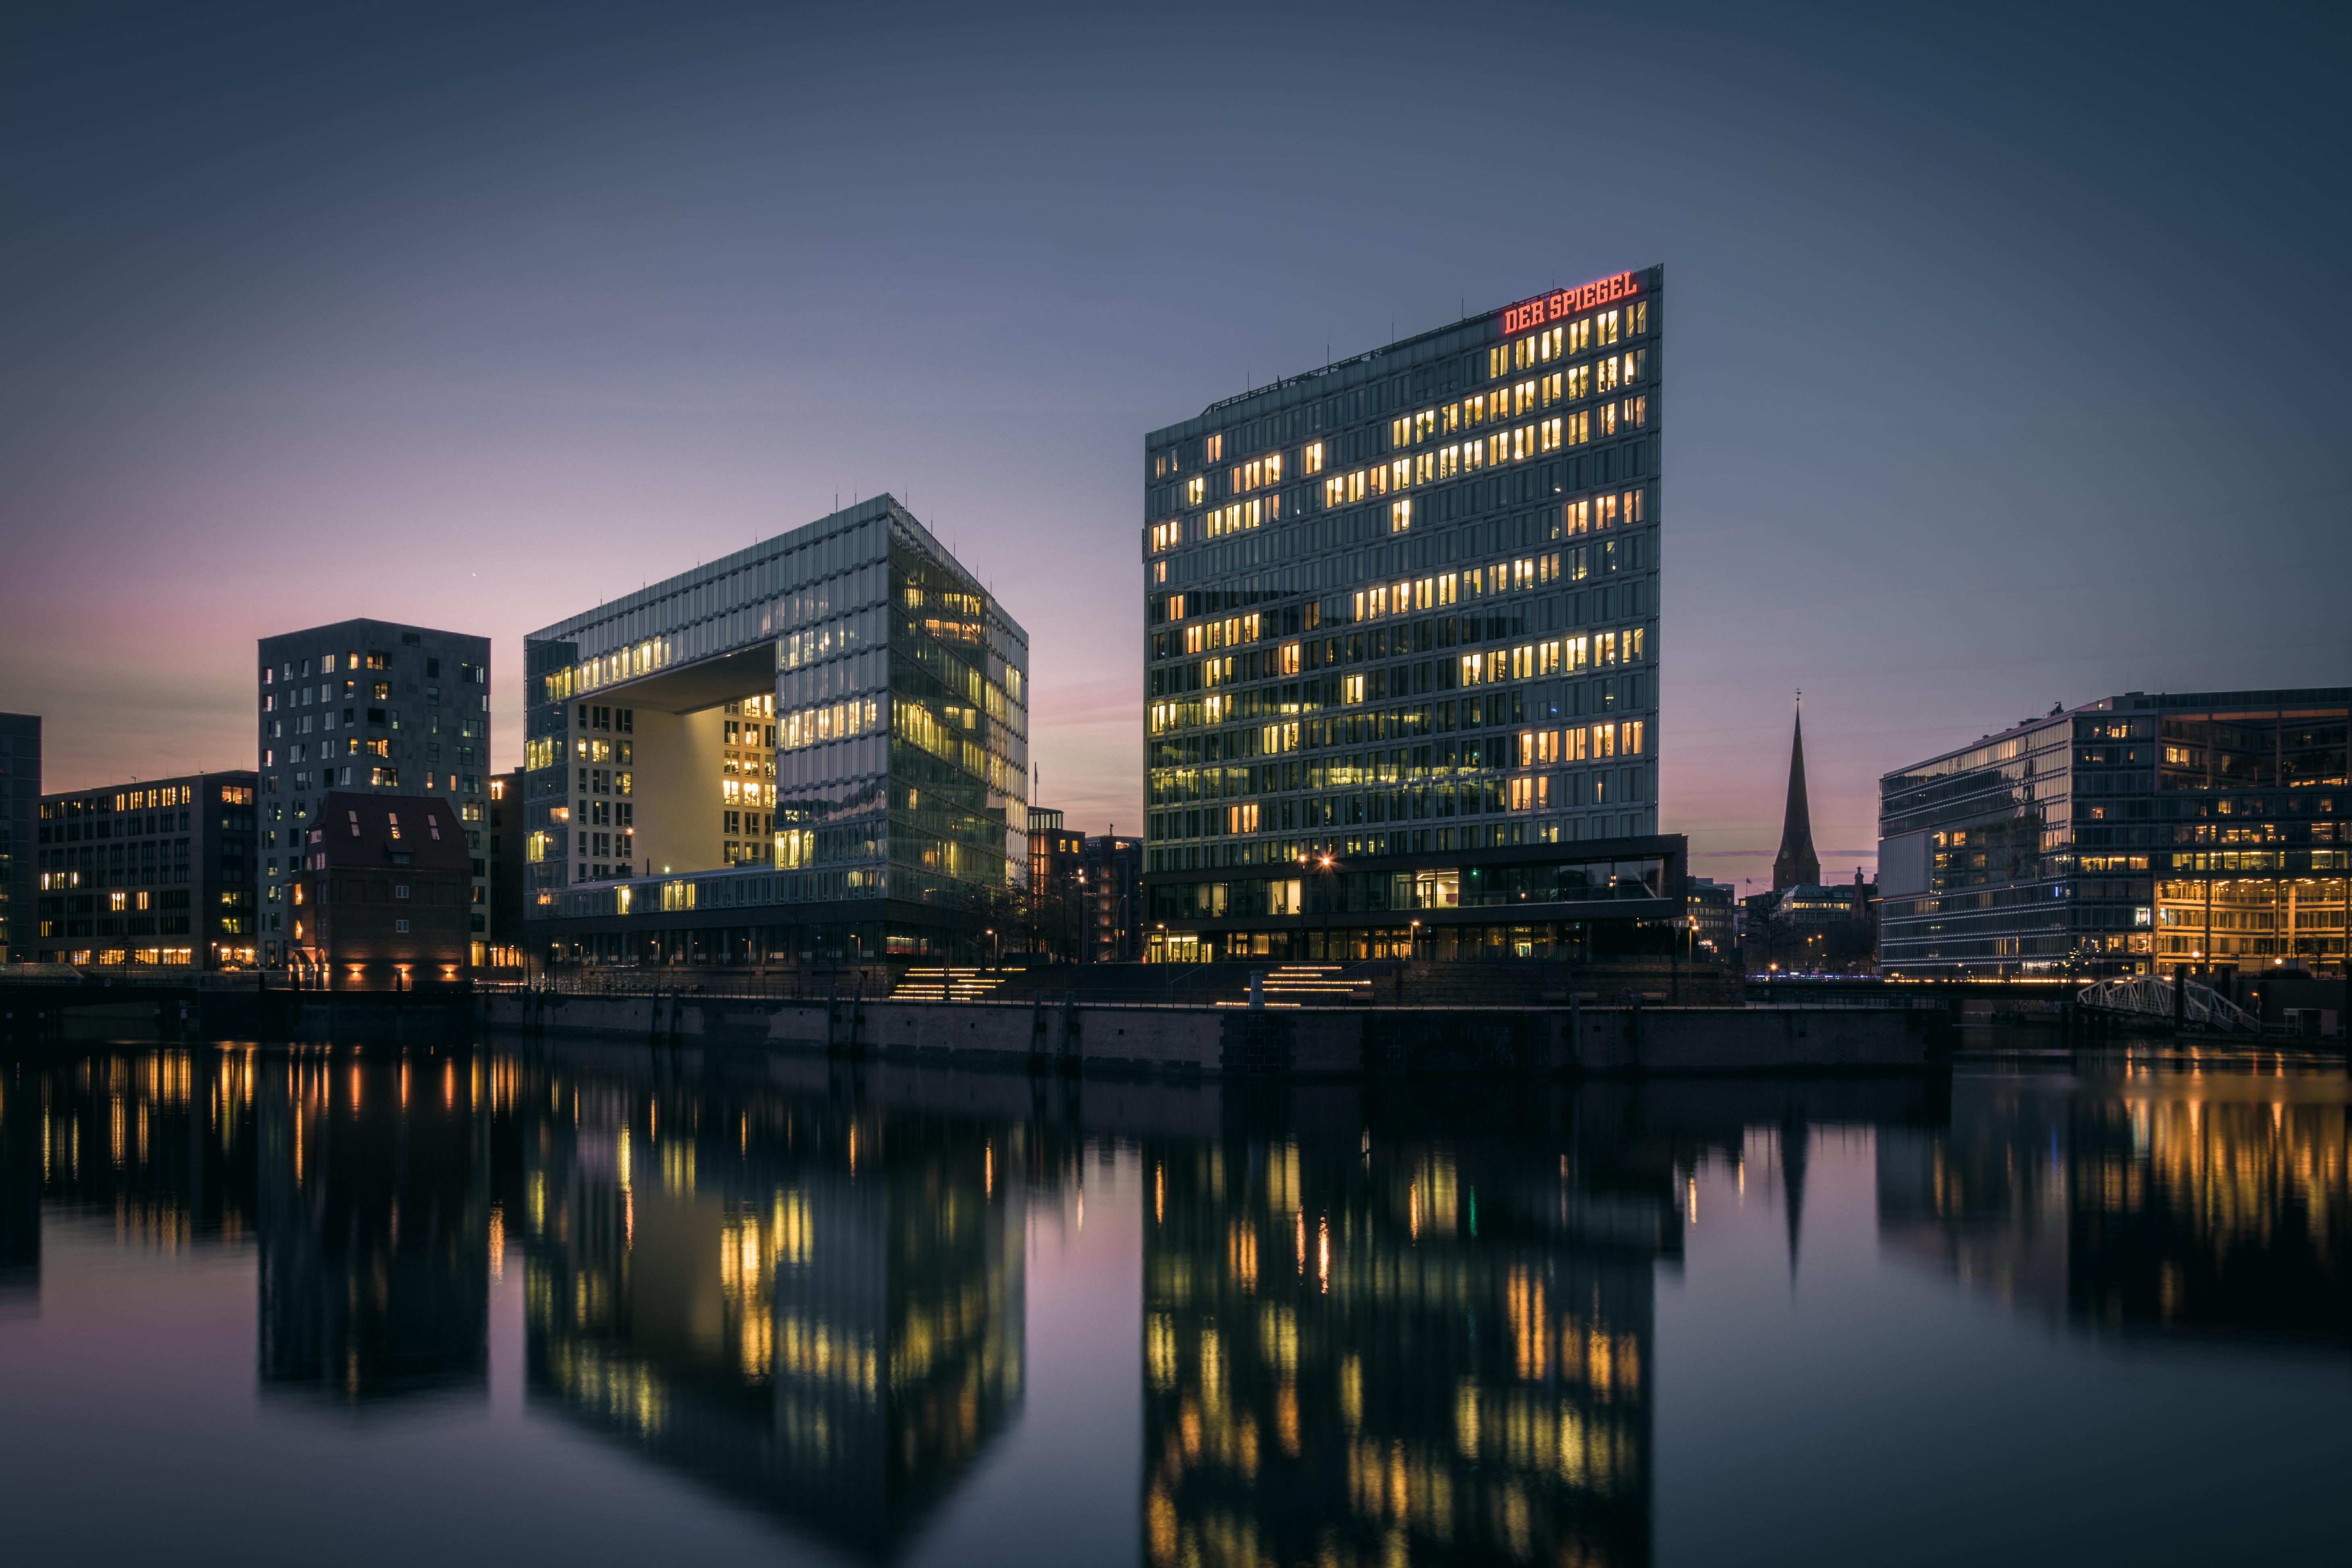 Spiegel hamburg hamburg spiegel abends licht spiegelung for Hamburg spiegel